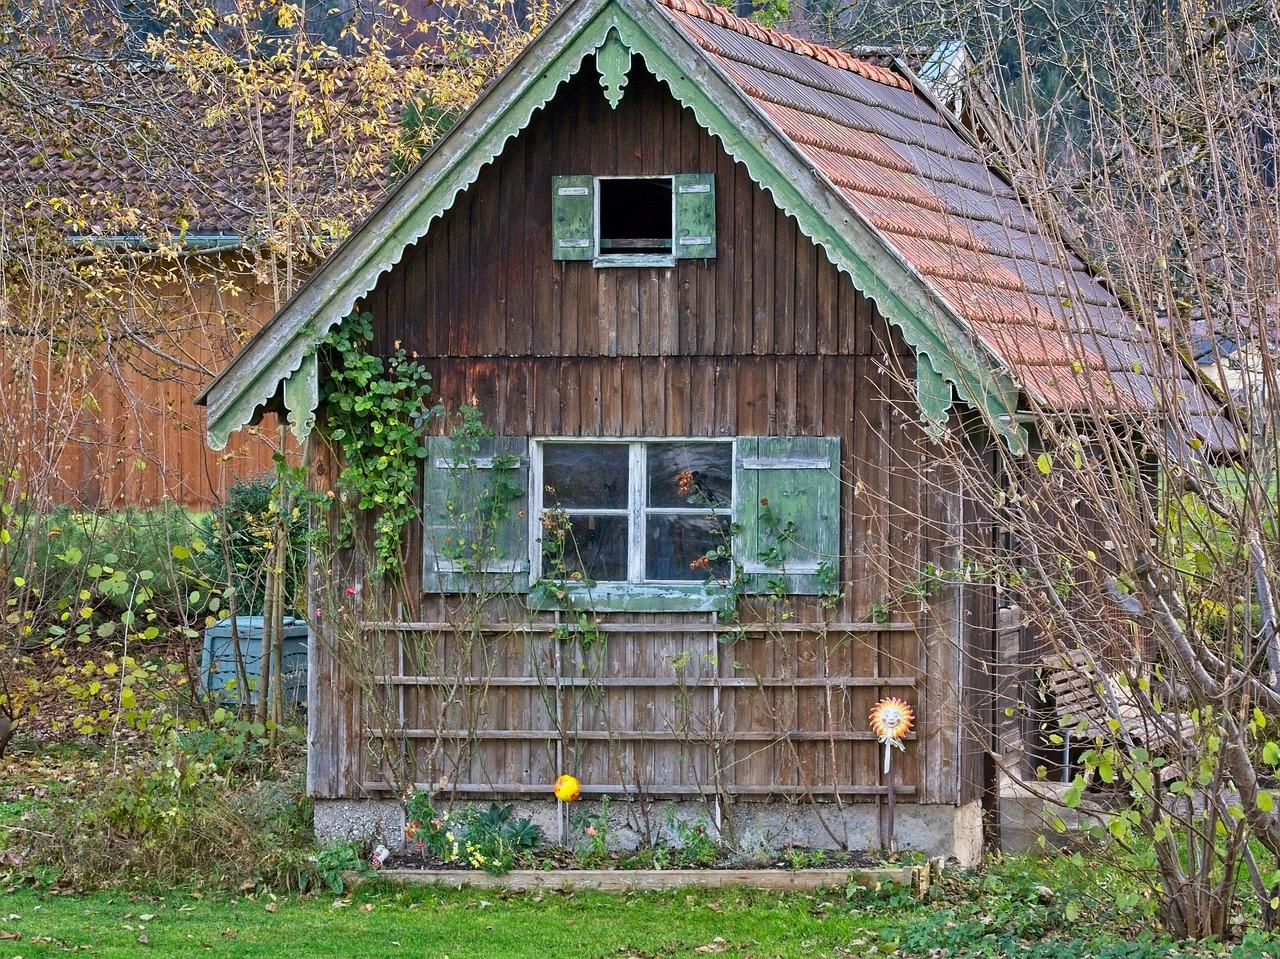 Verwarming tuinhuis